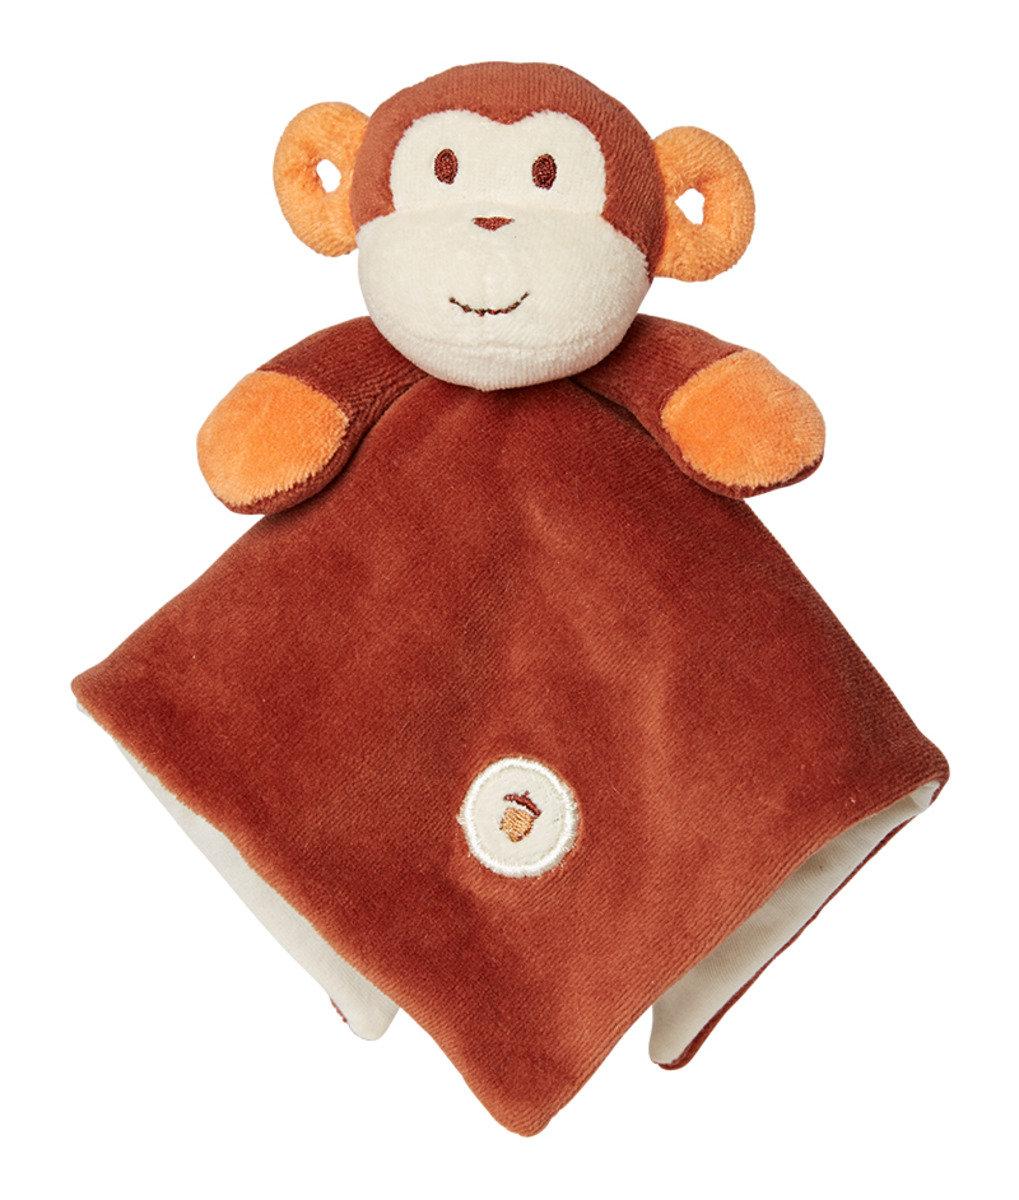 美國紐約My Natural™ Lovie Blankie天然有機棉安撫巾 - 棕色小猴